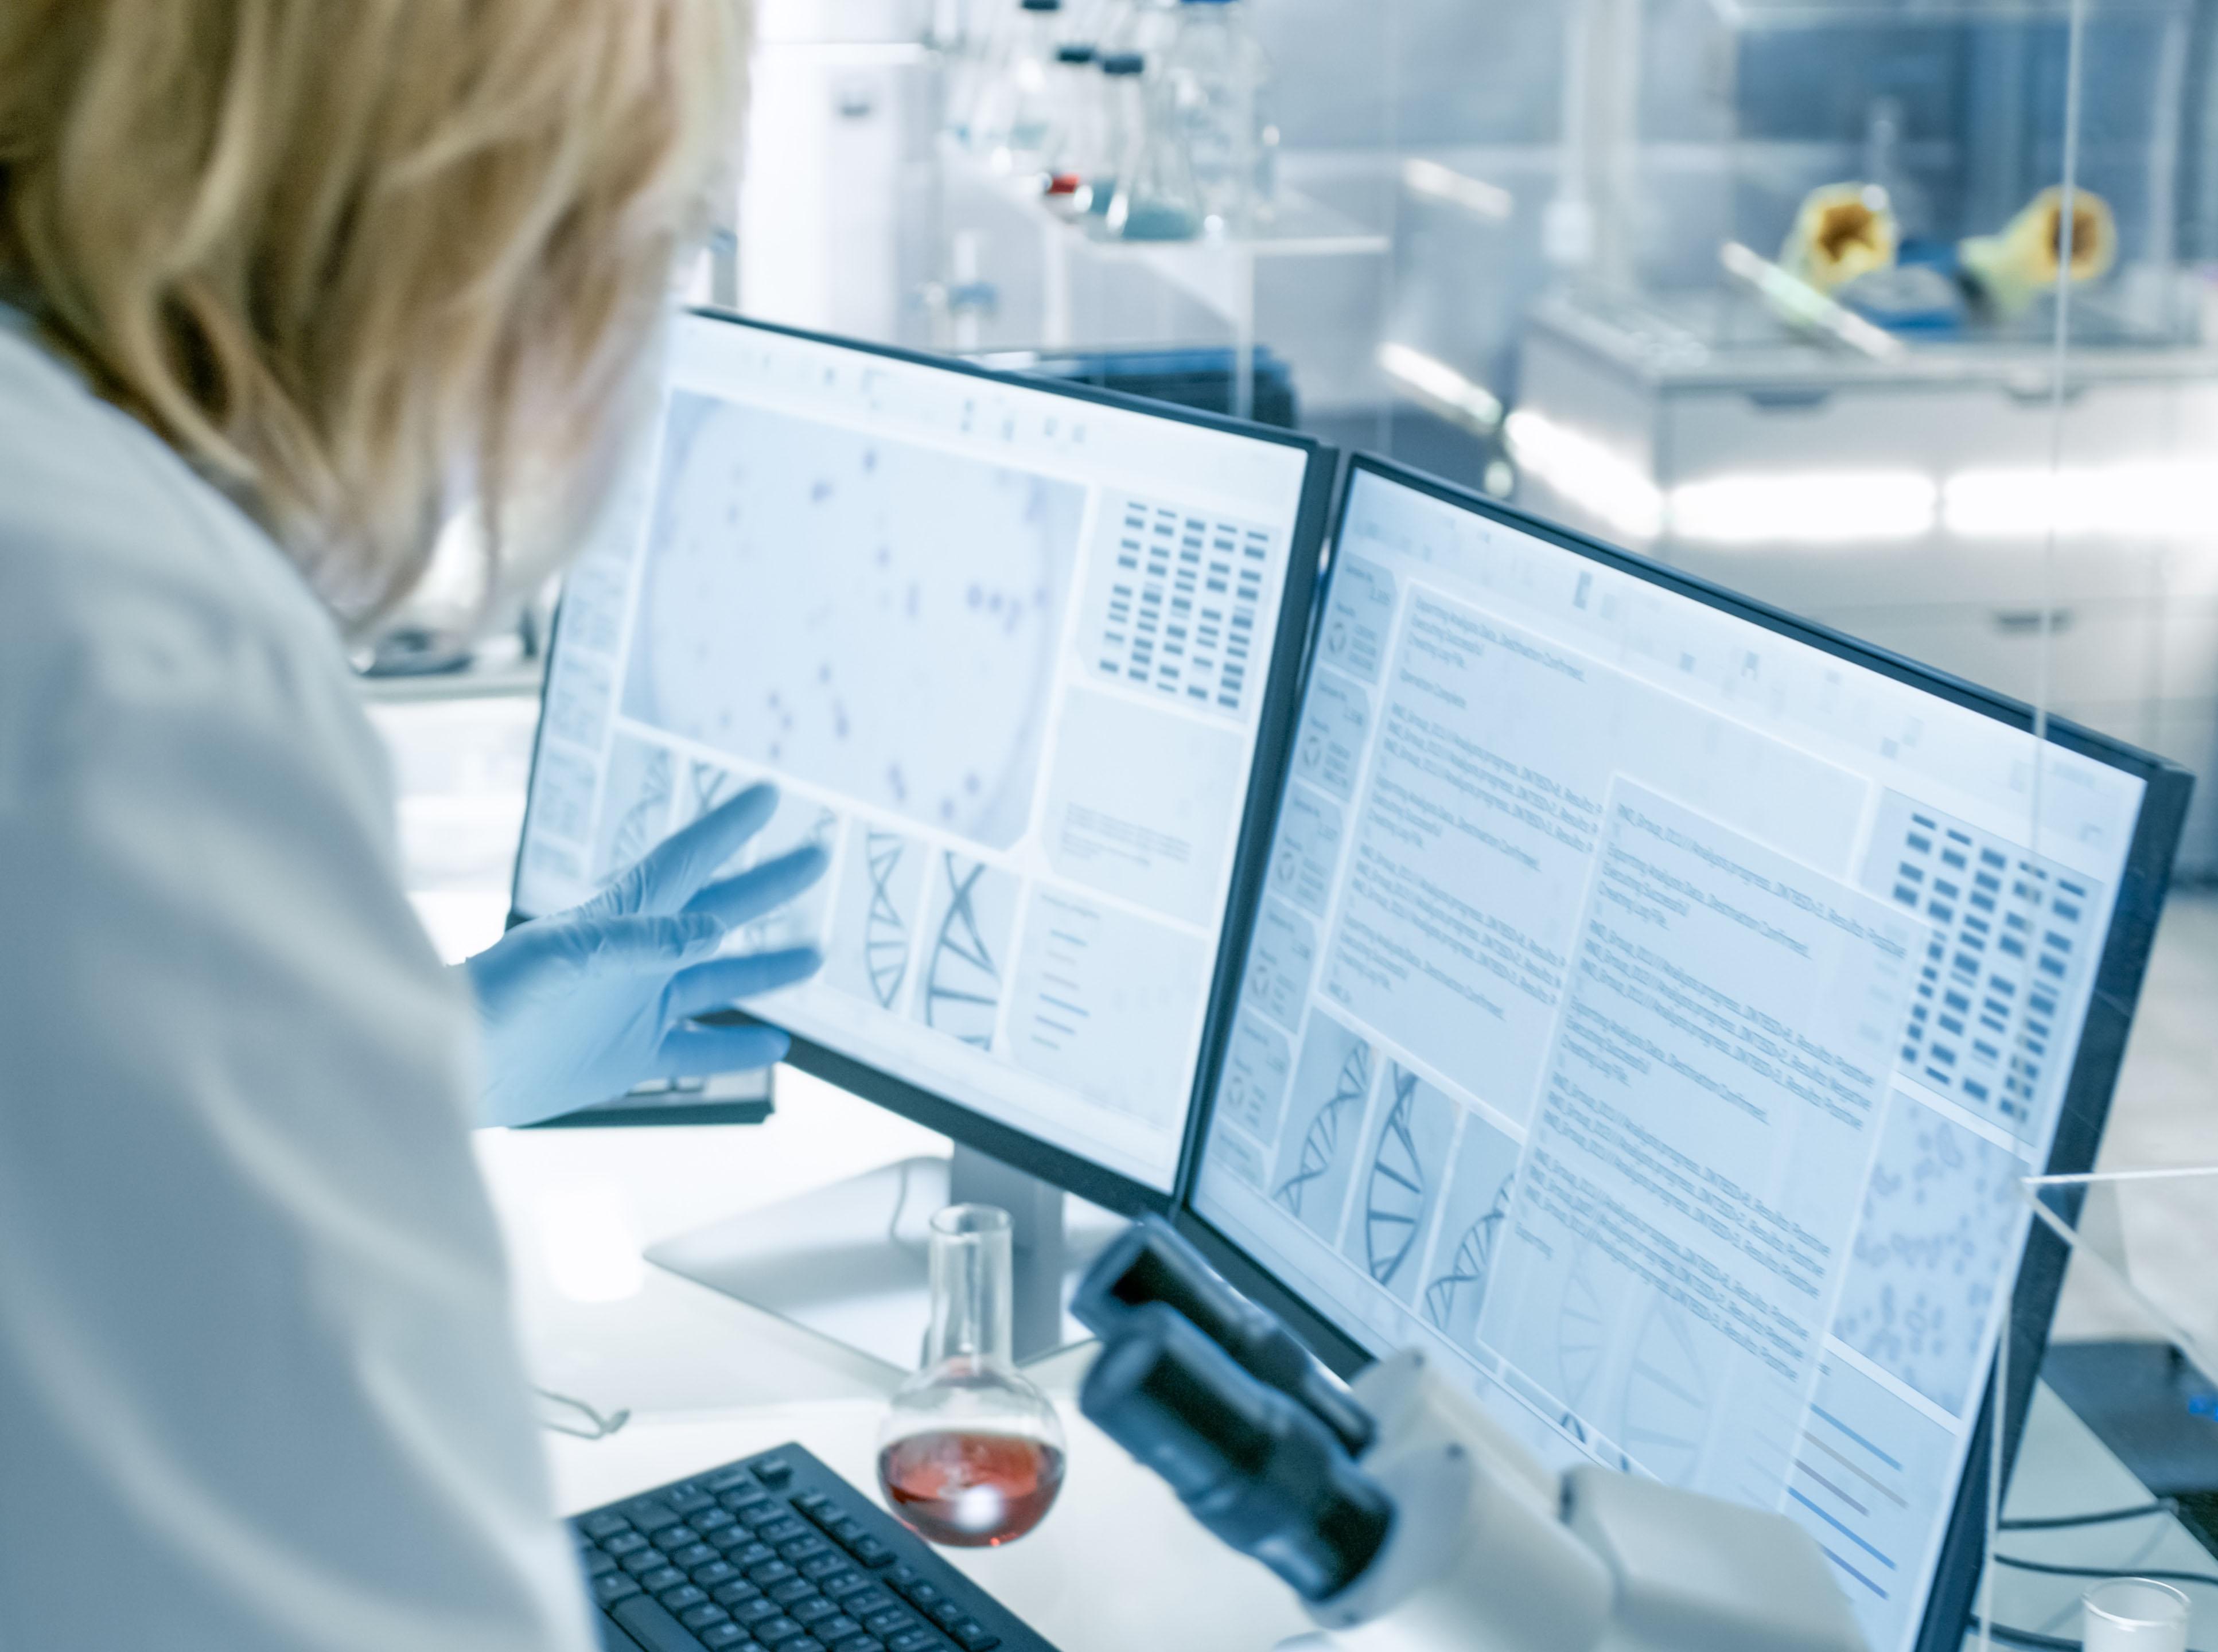 CBEXs promove webinar que ressalta importância da colaboração entre os setores e da análise de dados durante pandemia